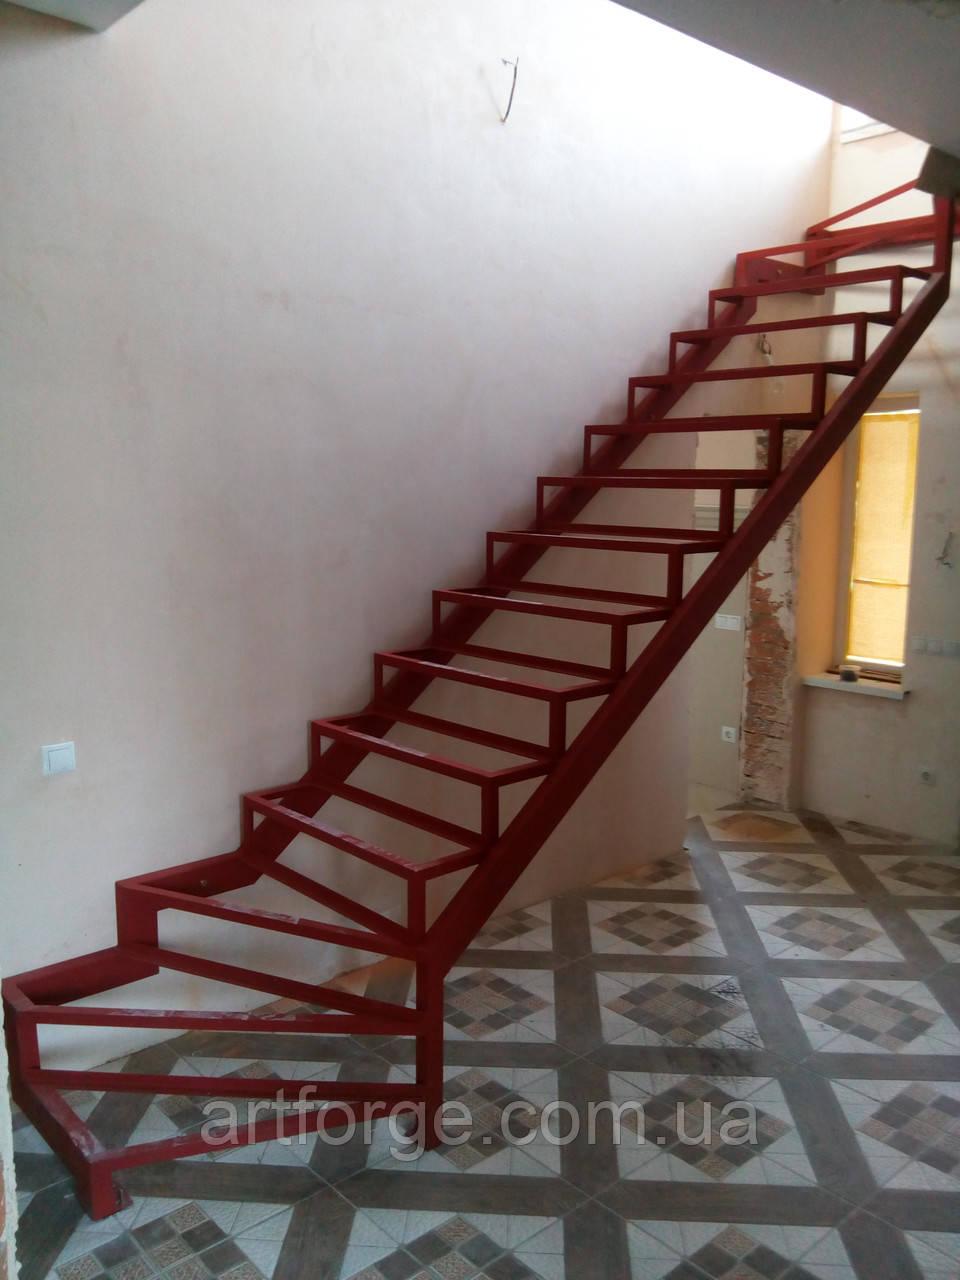 Каркас сходів з 2 поворотами і забіжними ступенями.